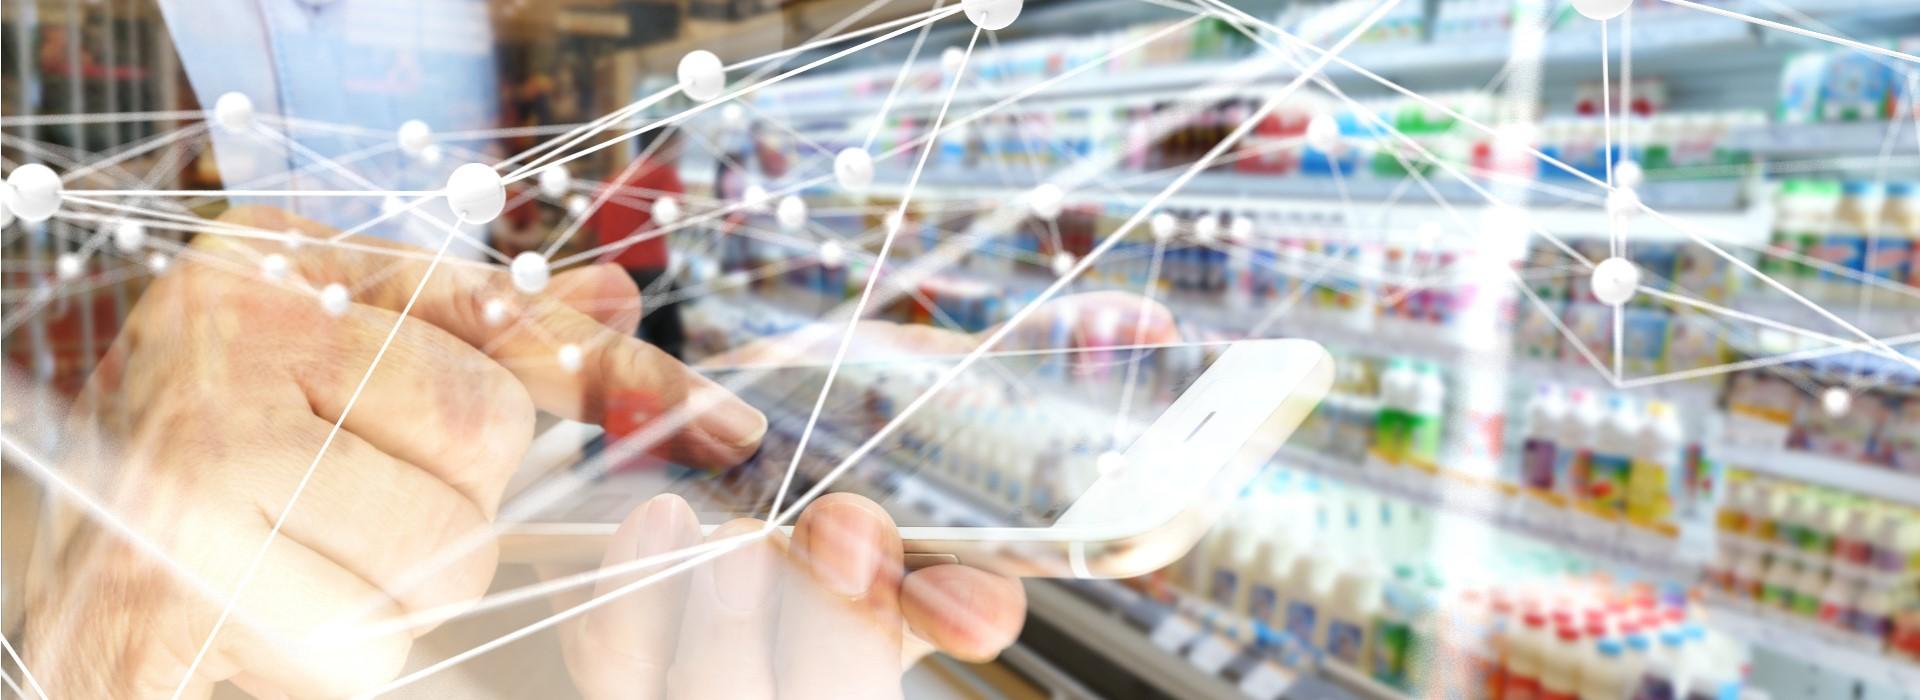 用科技掌握市場脈動,用心感動客戶 落實顧客與市場發展讓你和顧客無縫接軌